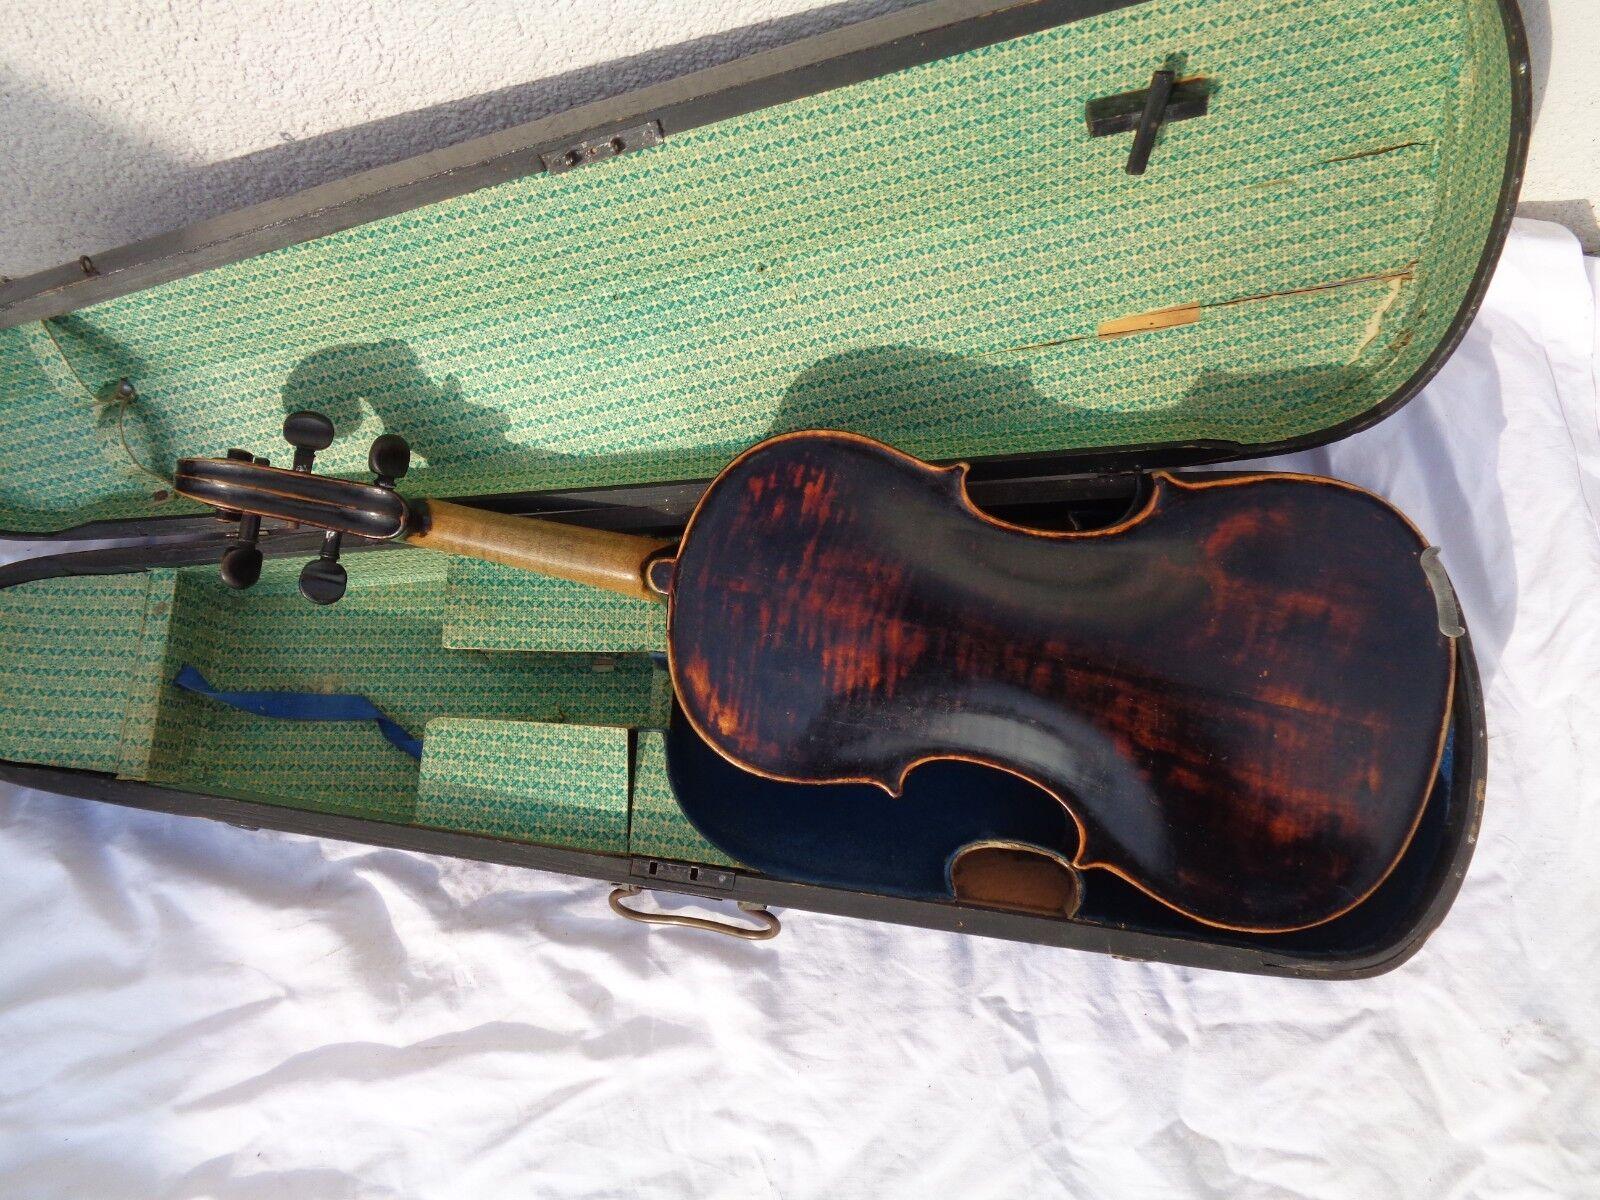 Geige Violine 4 4 ca. 59 cm Full Size